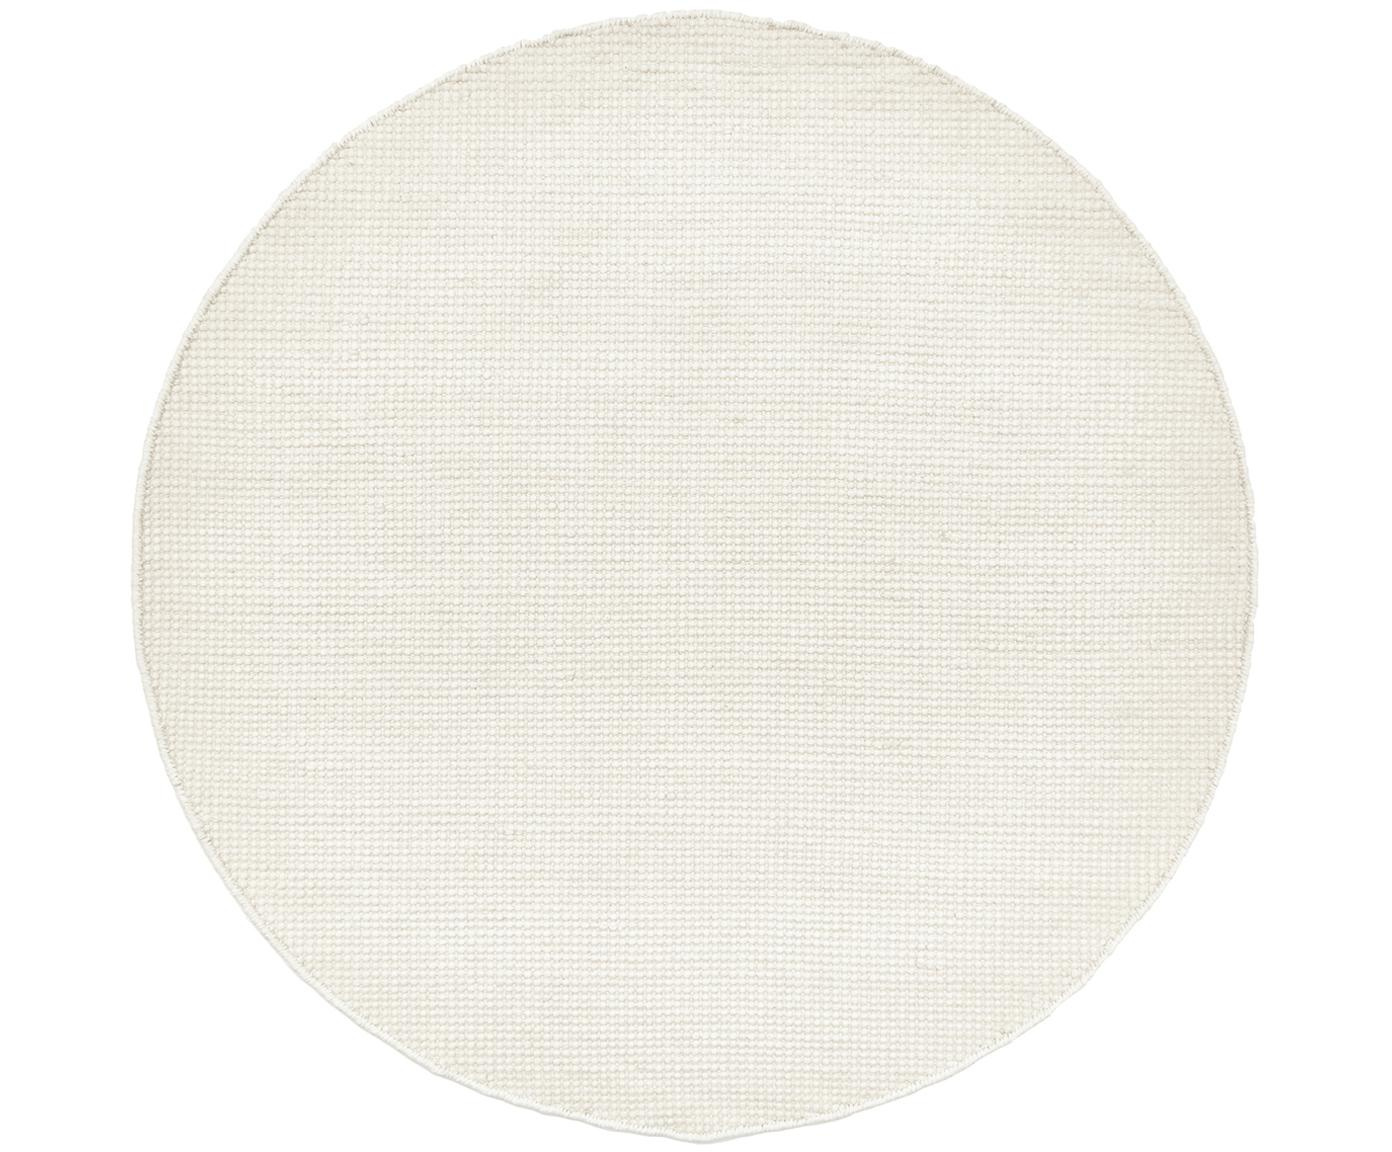 Runder Wollteppich Amaro in Creme, handgewebt, 38% Wolle, 22% Polyester, 20% Baumwolle, 20% Polyamid, Cremeweiß, Ø 140 cm (Größe M)